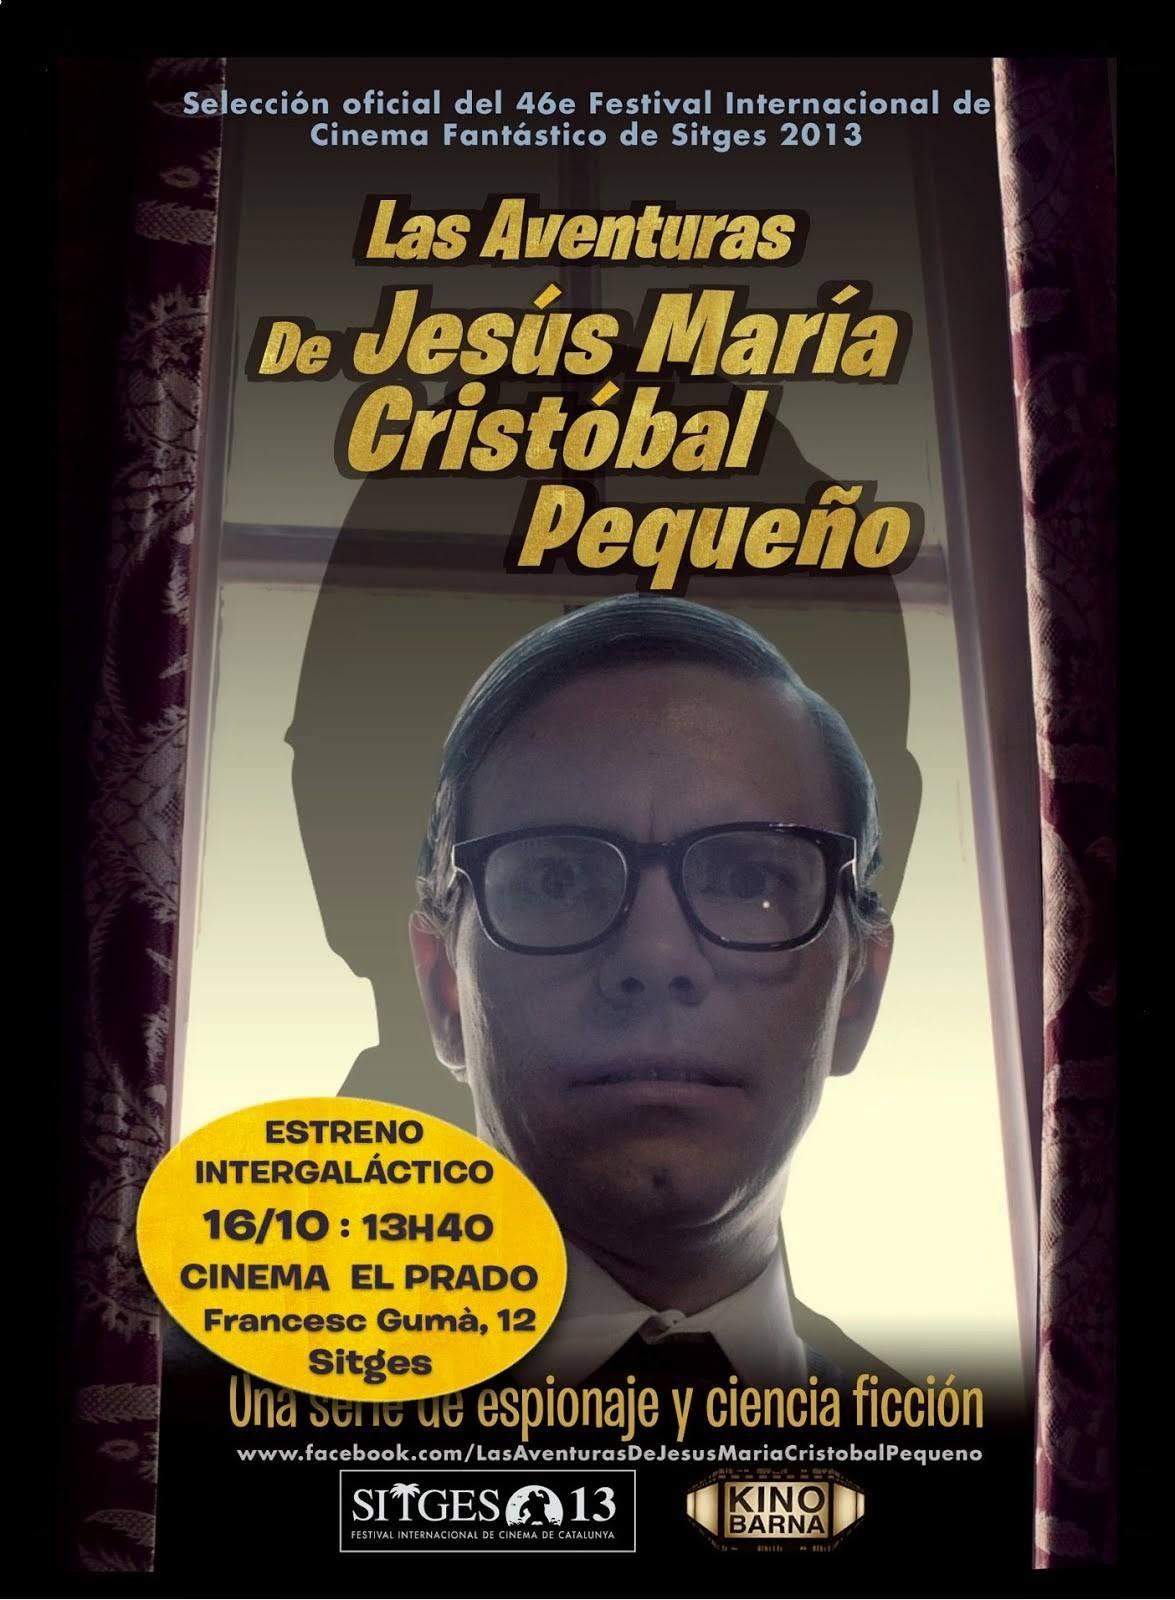 Las Aventuras de Jesus Maria Cristobal Pequeño